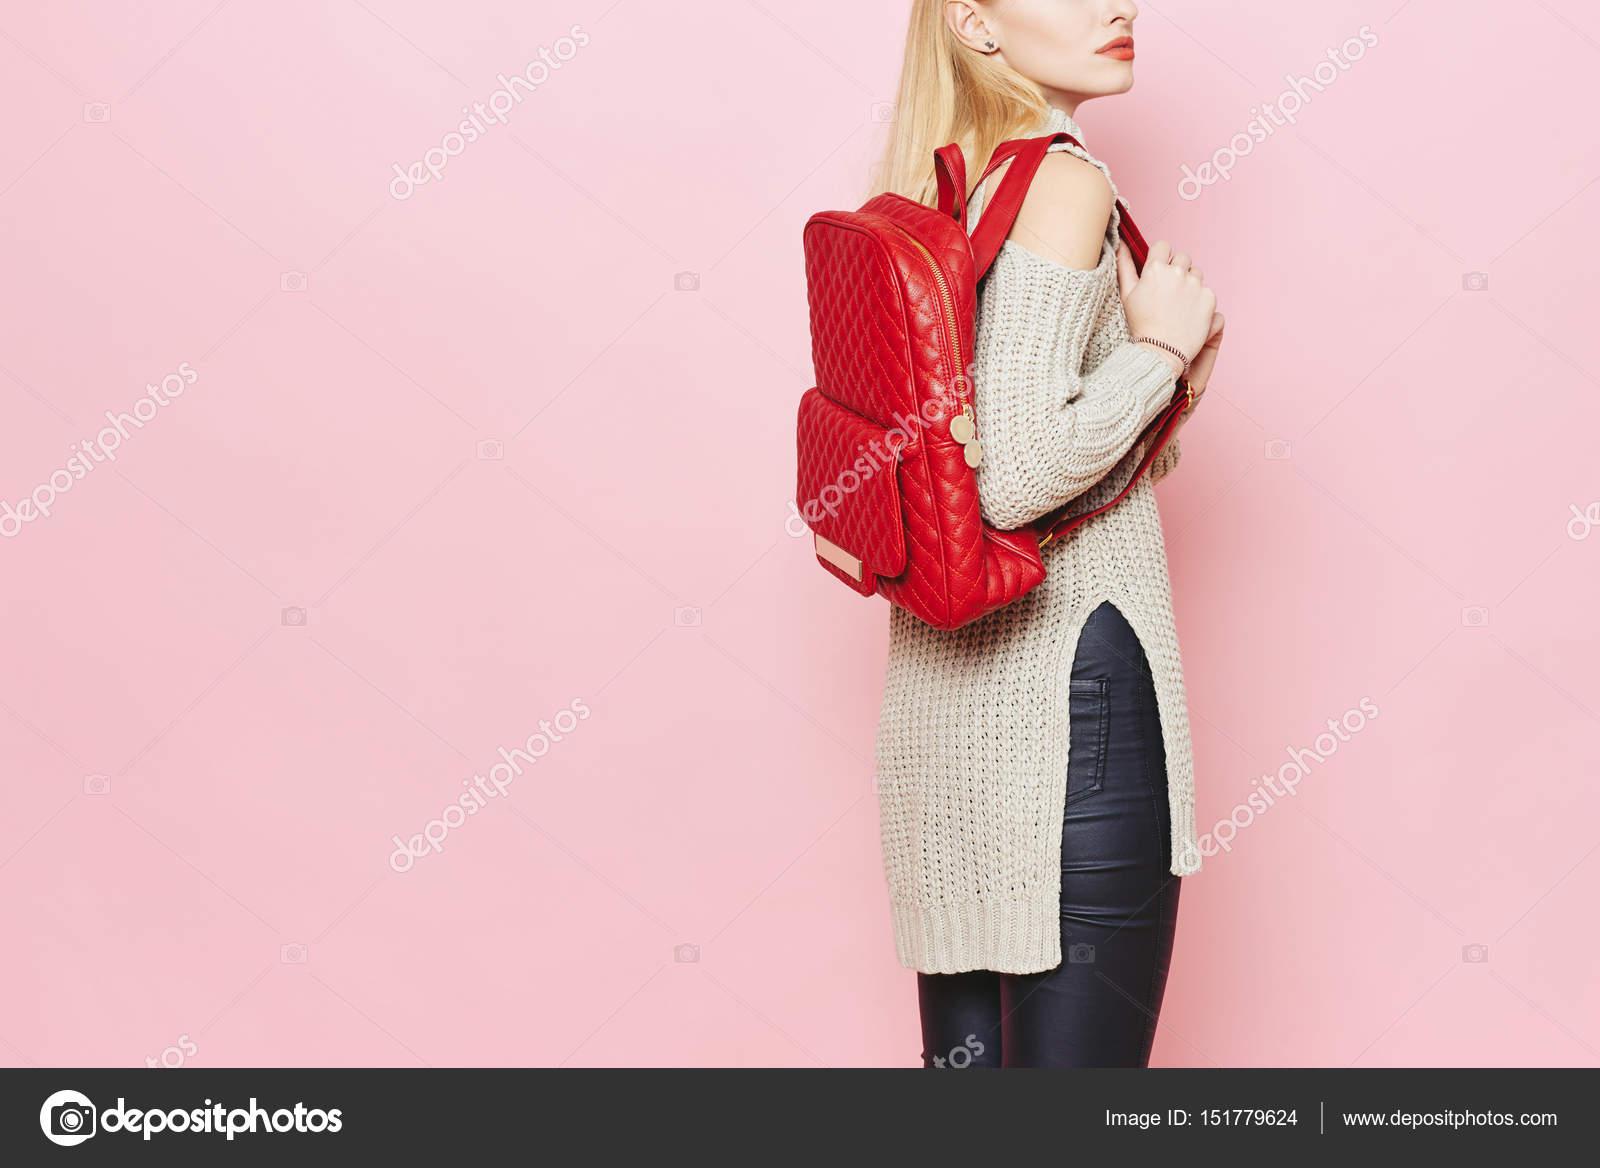 Γυναικεία μόδα μοντέλο με κόκκινη τσάντα πλάτης ροζ φόντο στούντιο — Εικόνα  από Nataliass f02f5f0d644